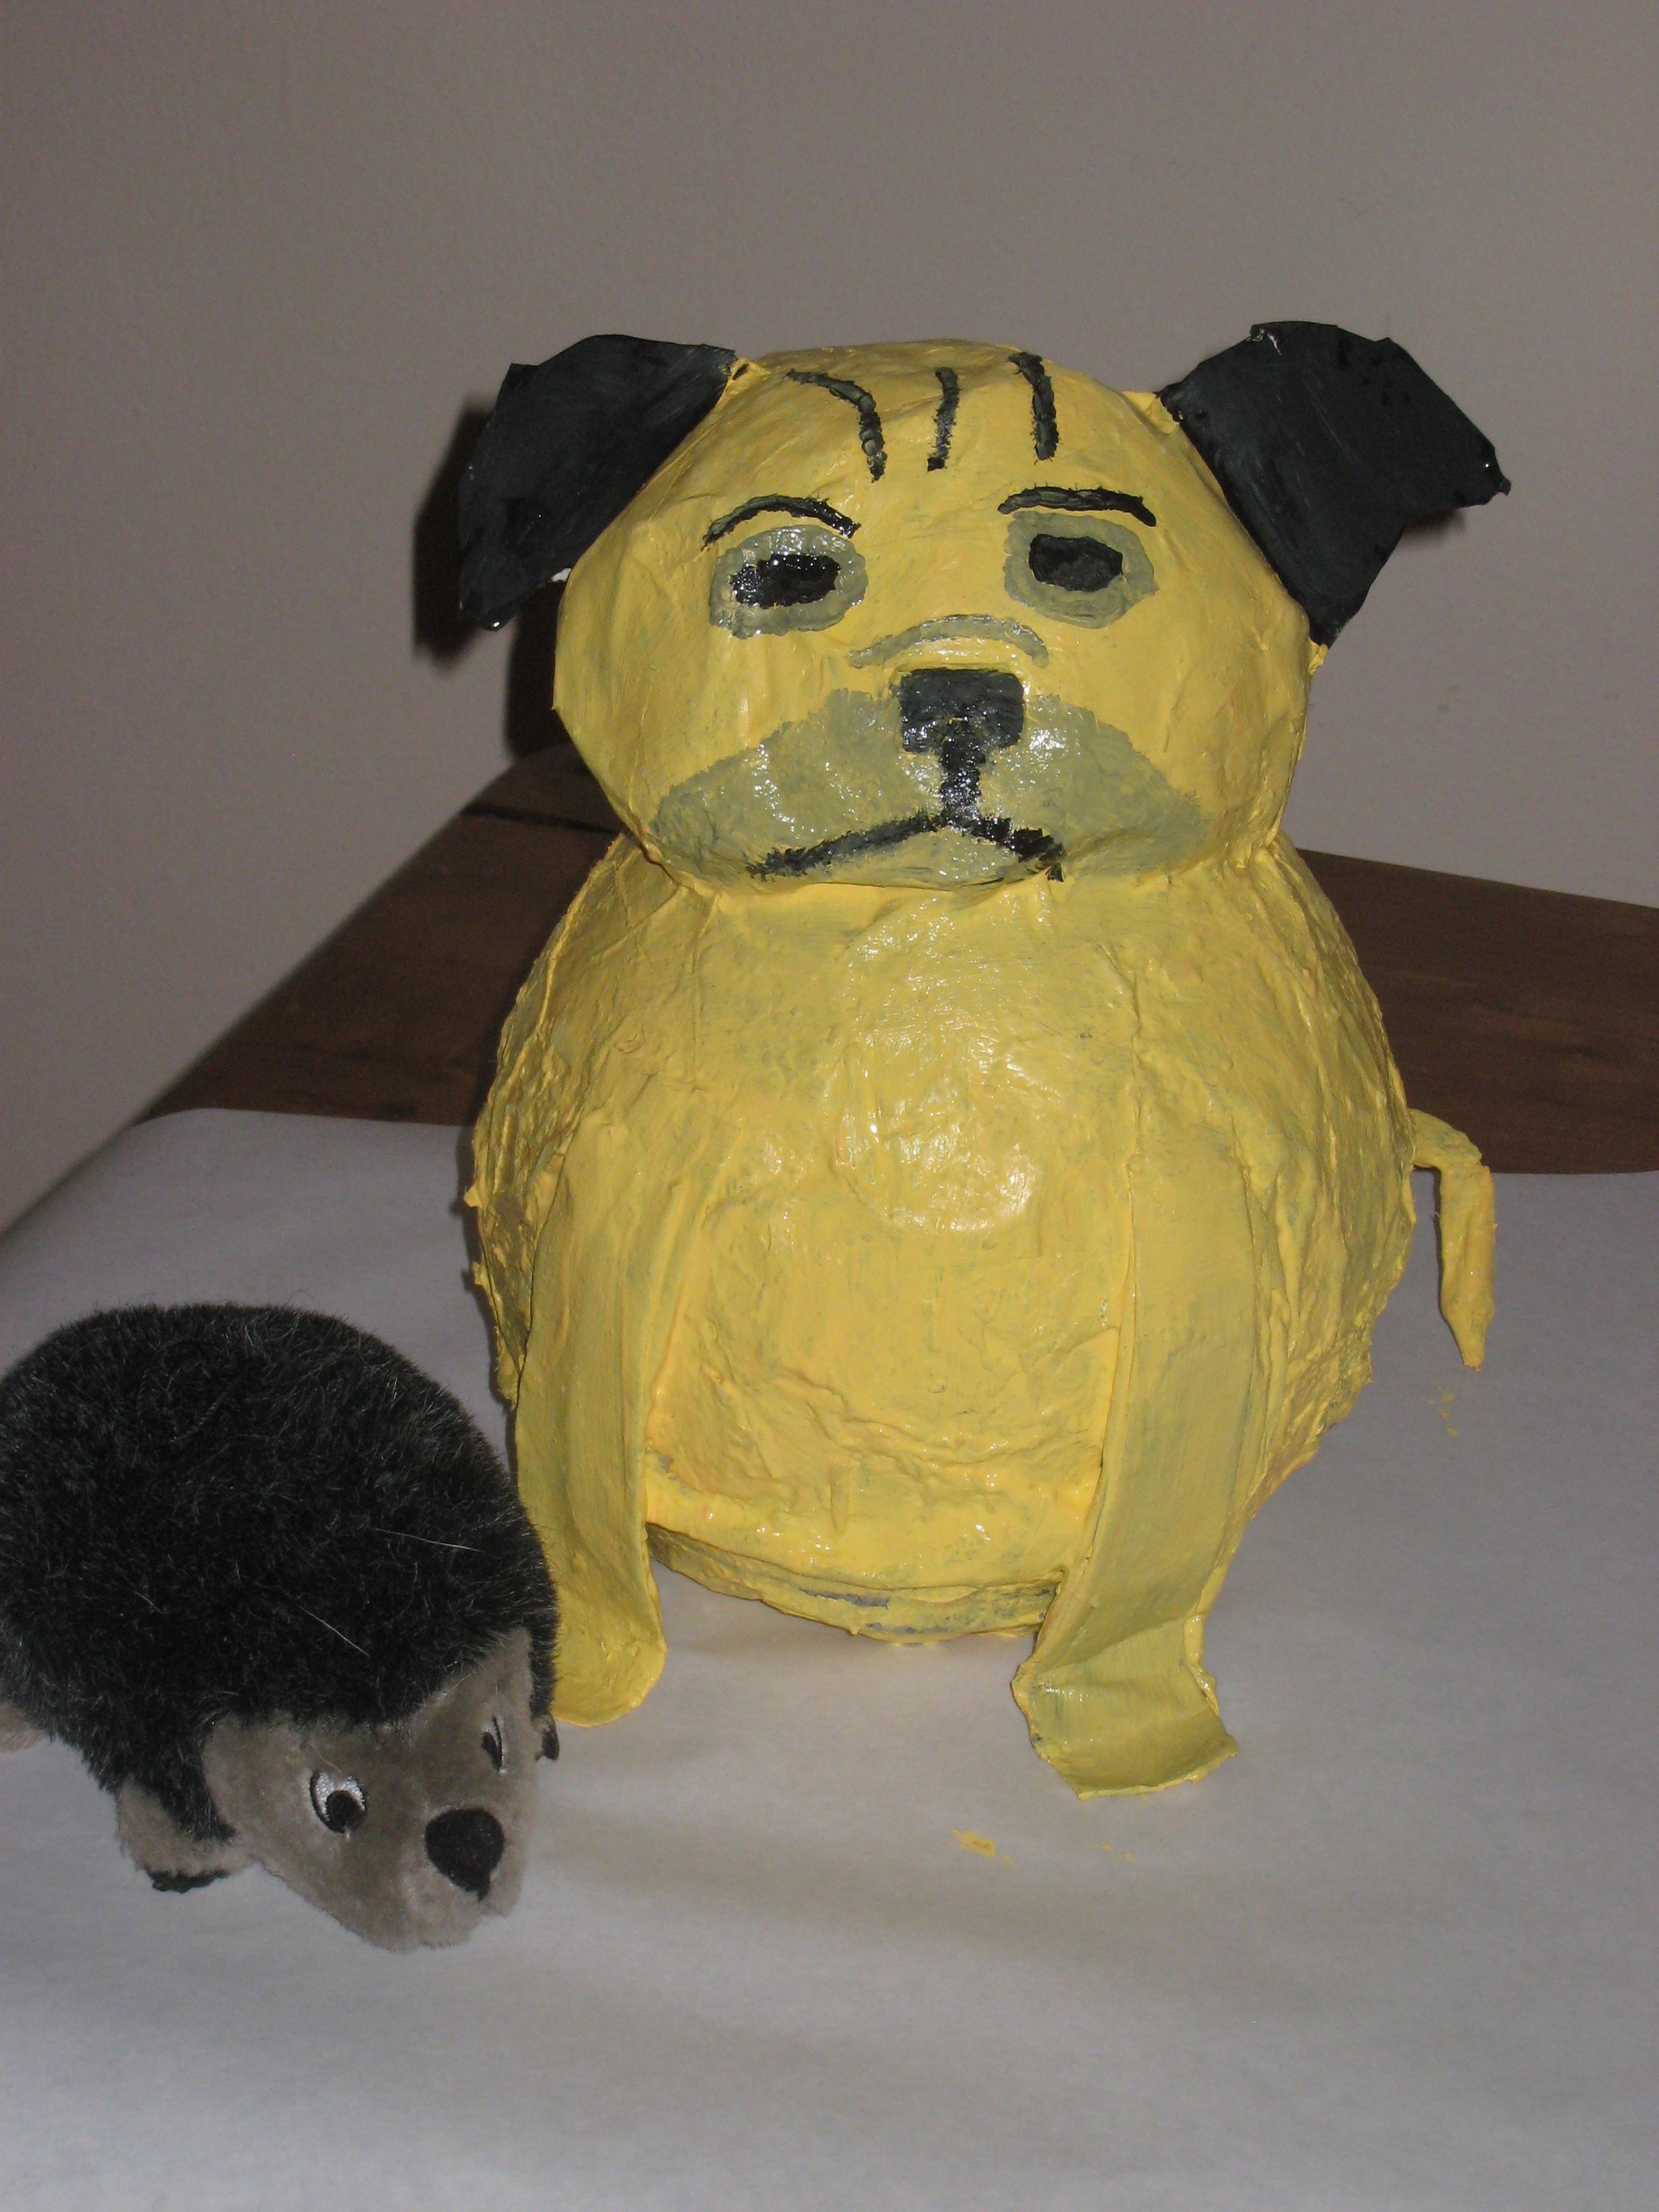 Papier Mache tout day 70: papier-mache pug   pug life